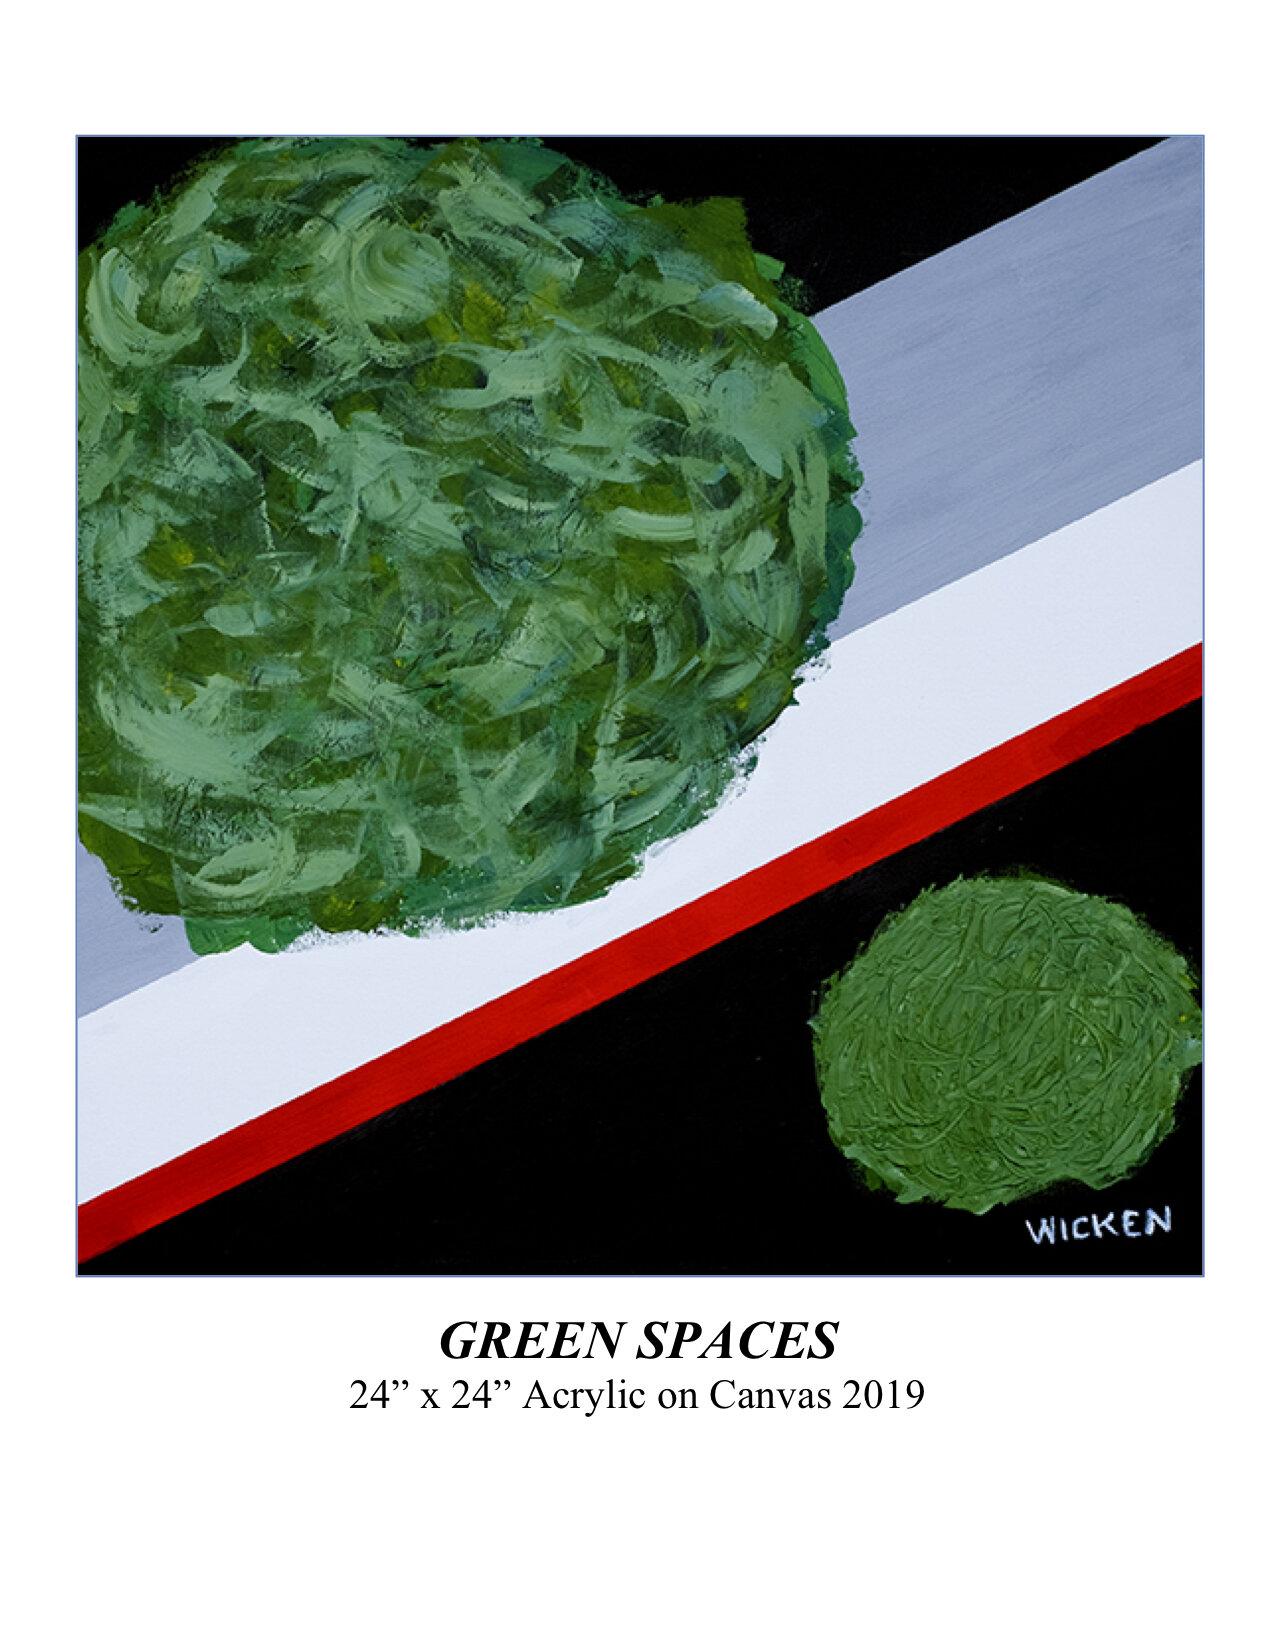 GREEN SPACES 0021.jpg